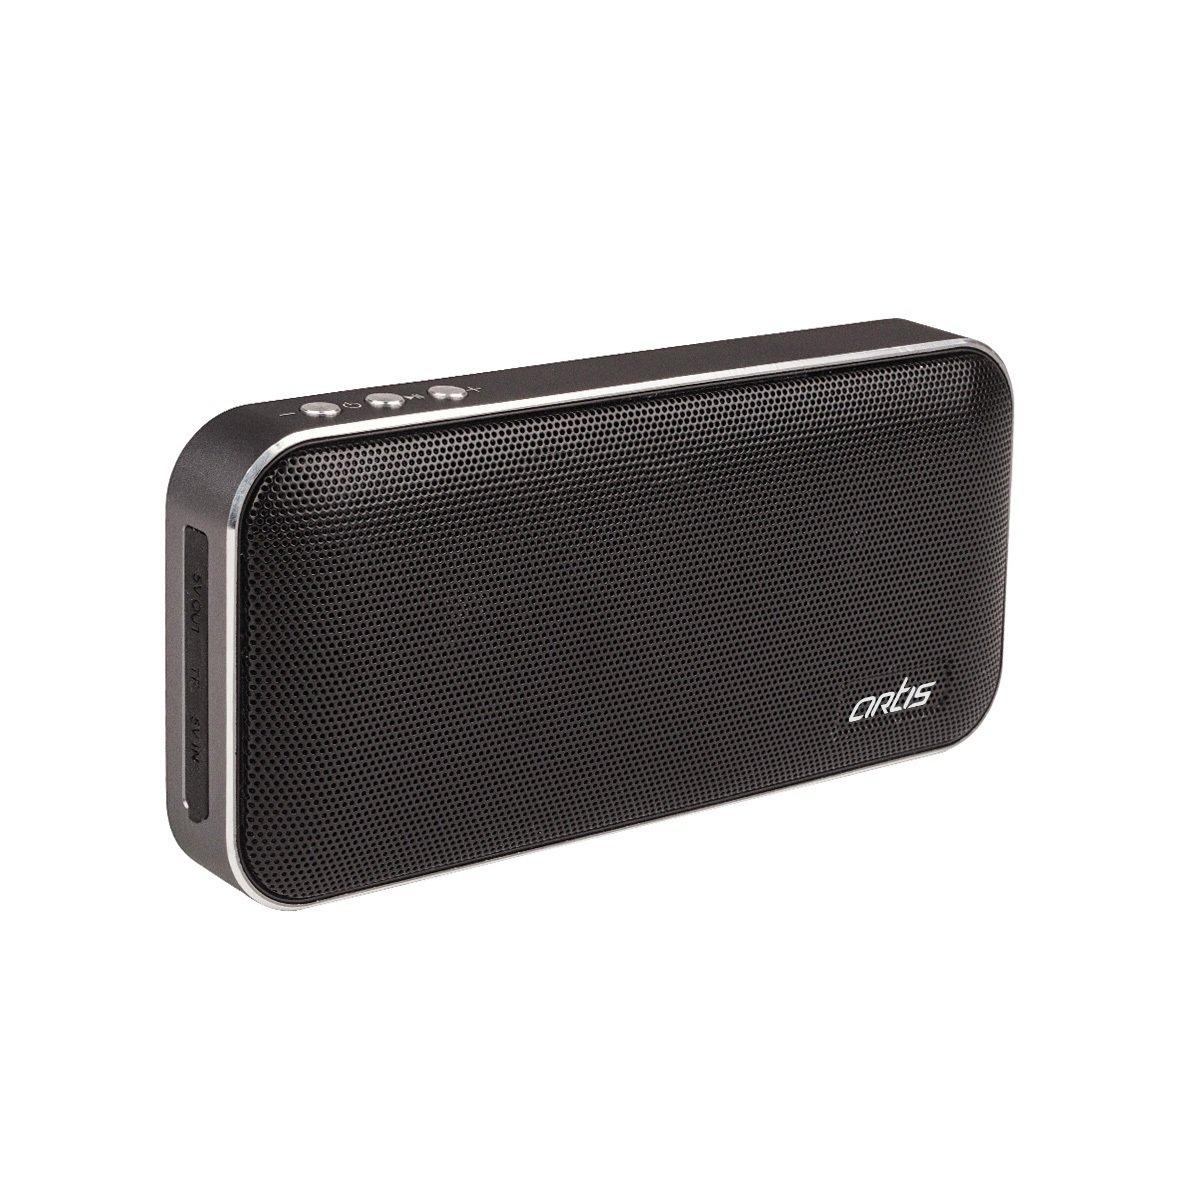 Artis BT36 Wireless Portable Bluetooth Speaker